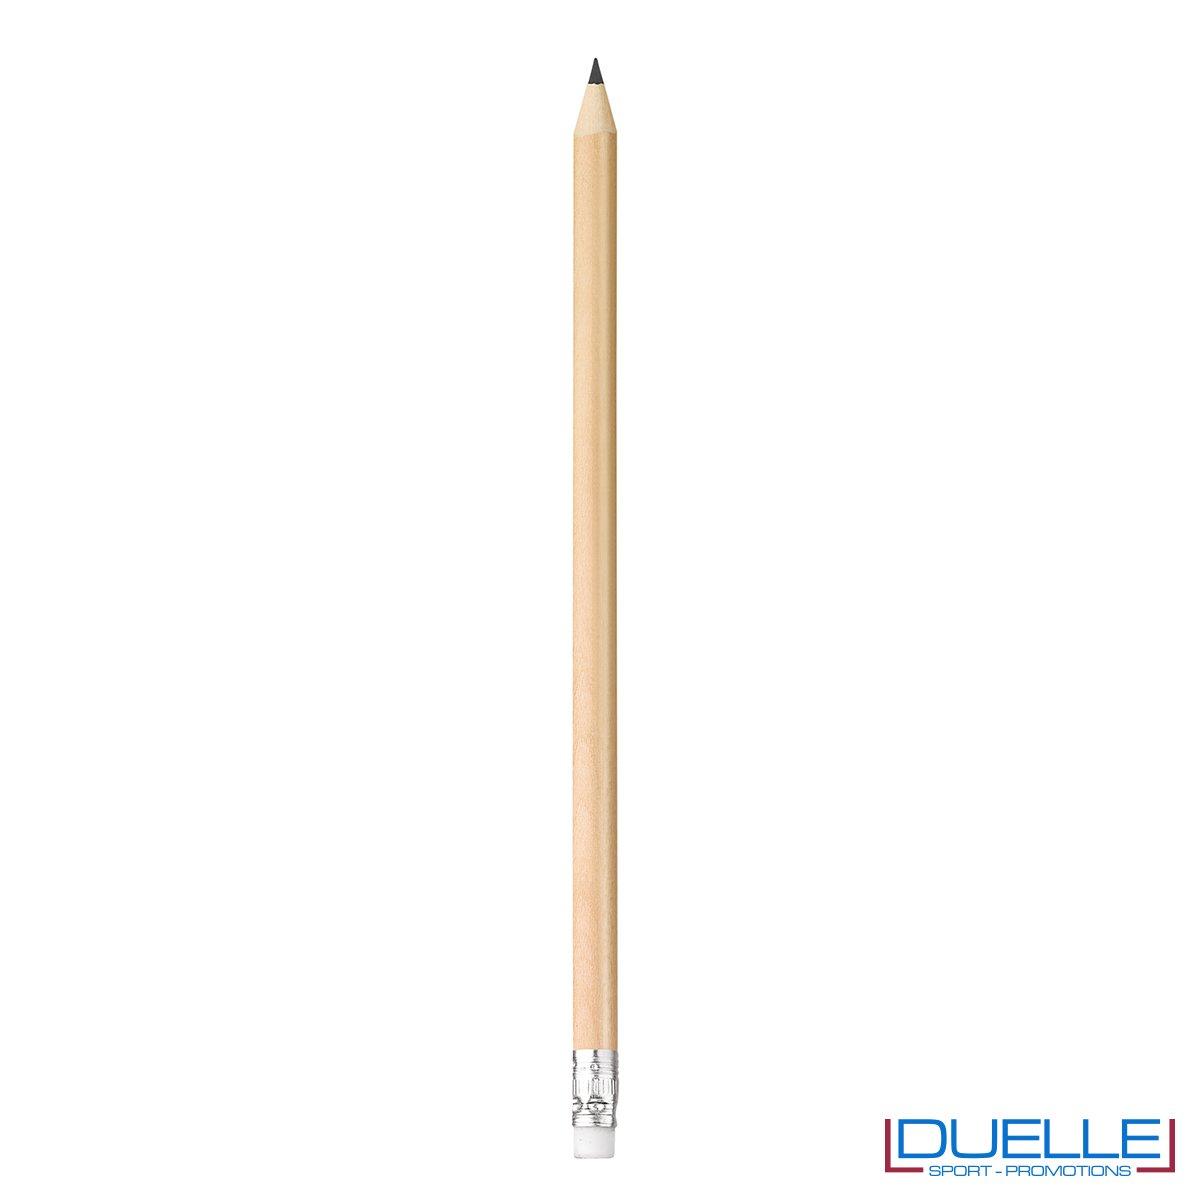 matita personalizzabile legno 100% naturale naturale con gomma incorporata, gadget da scrivania